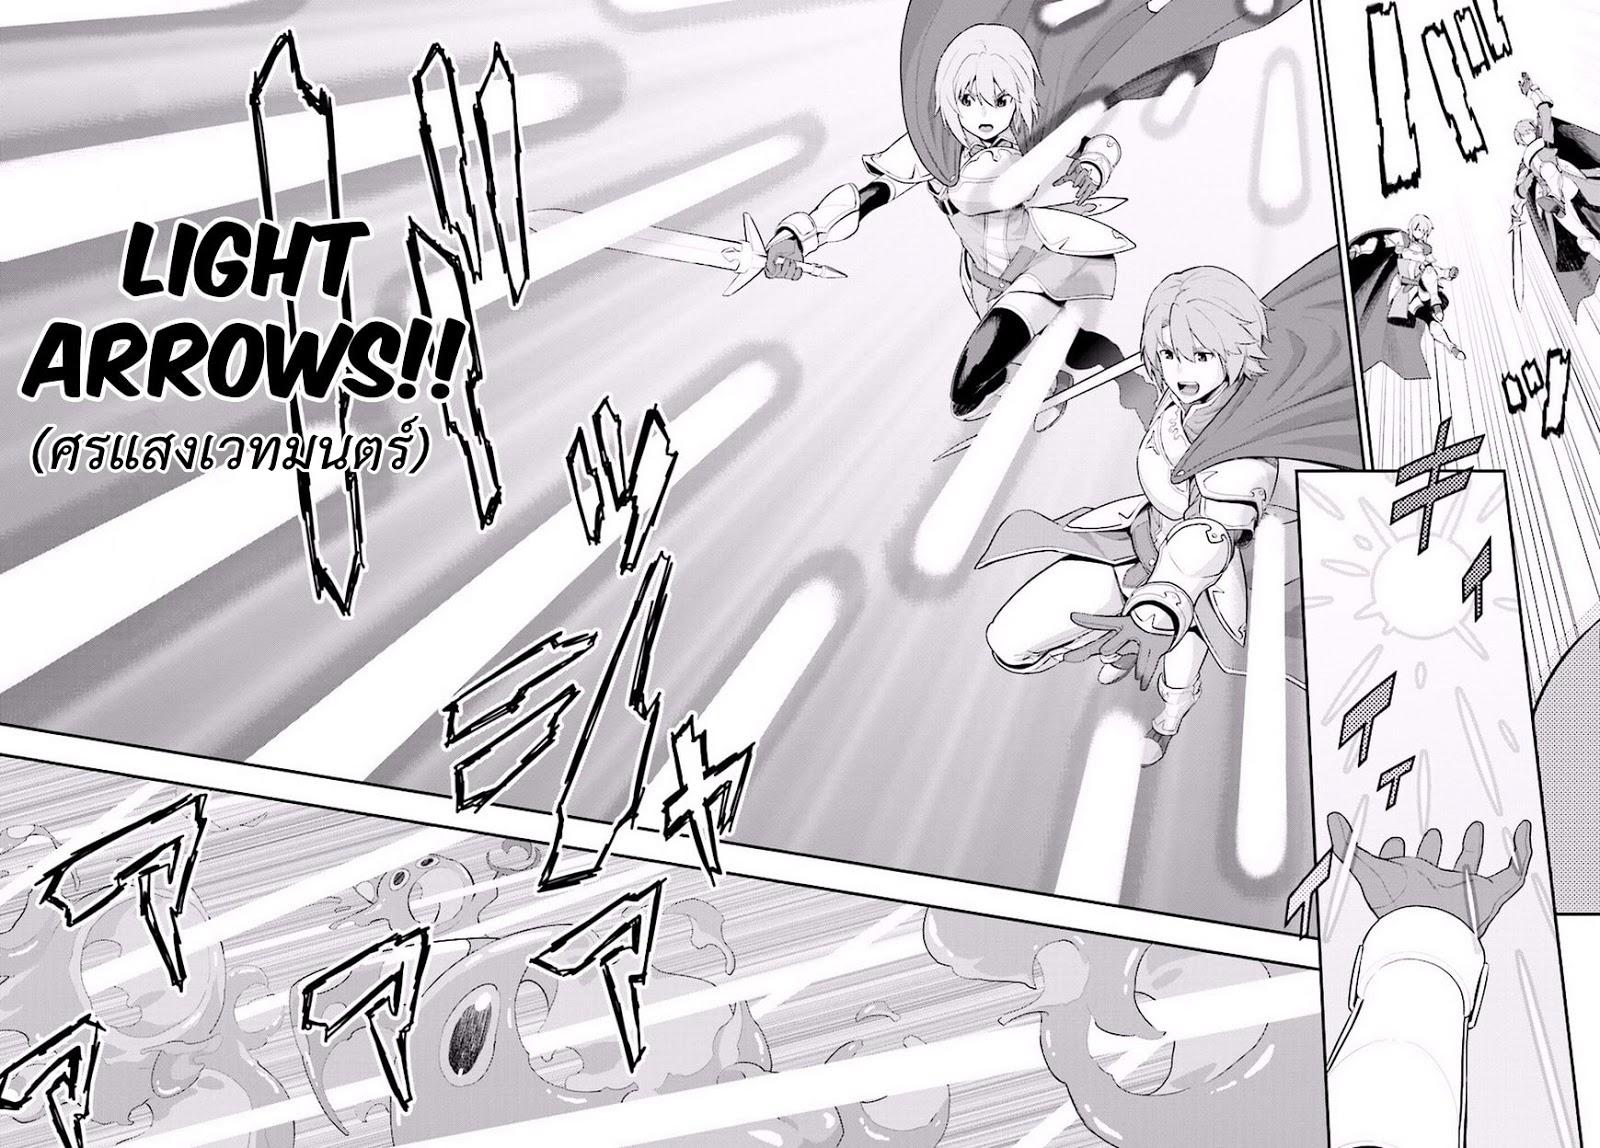 อ่านการ์ตูน Konjiki no Word Master 19 Part 2 ภาพที่ 10